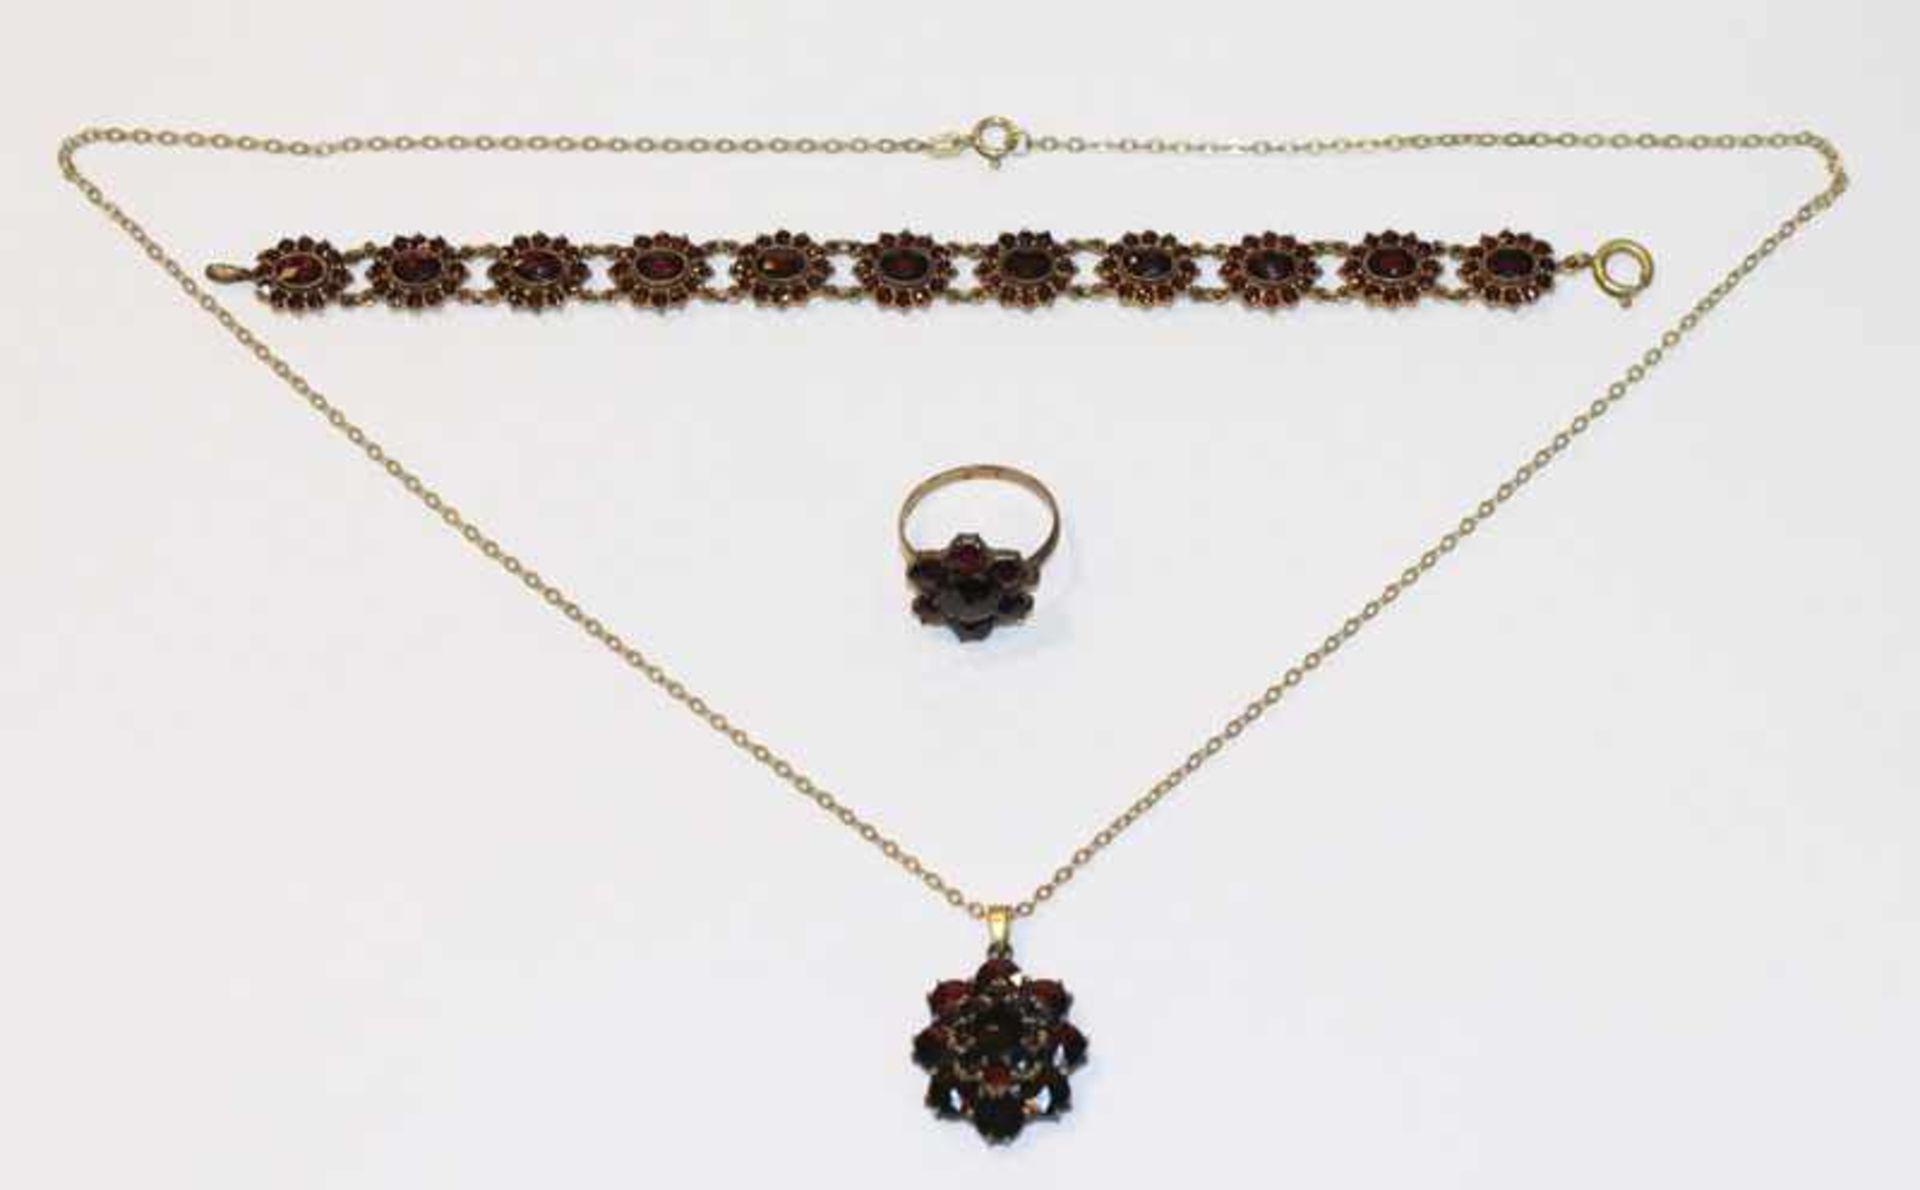 Los 34 - Konvolut von Doublé Schmuckset mit Granaten: Armband, L 17 cm, Ring, Gr. 58, und Kette, L 53 cm, mit